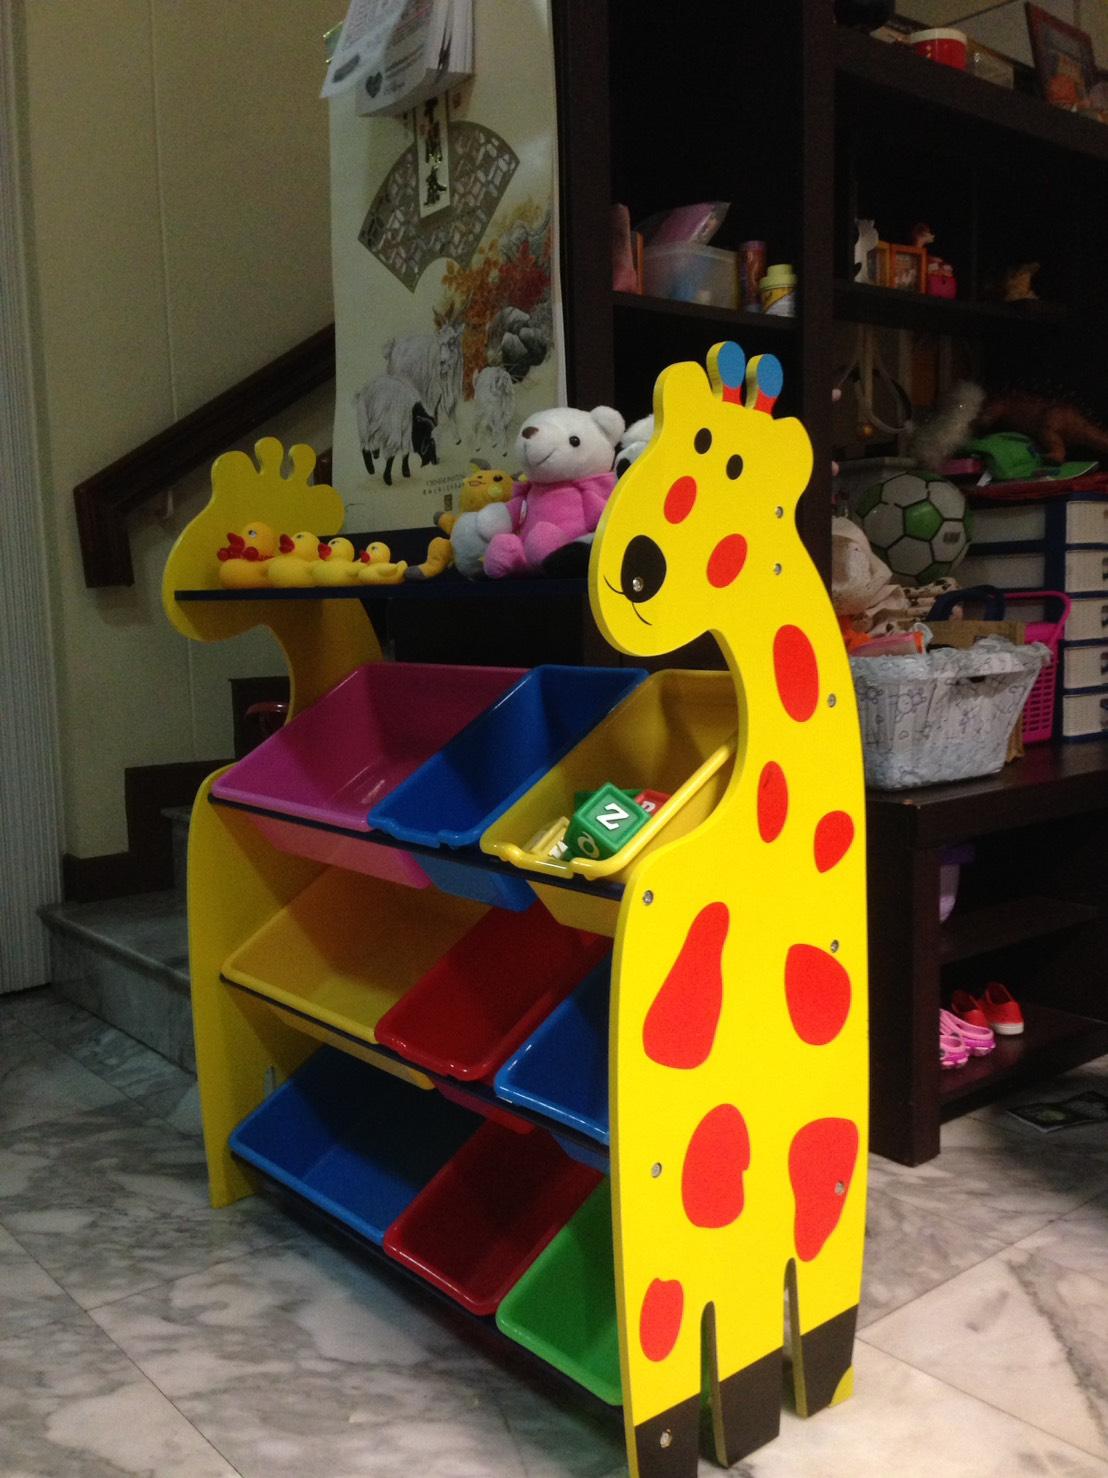 ชั้นวางยีราฟ, ชั้นของเล่น ยีราฟ, ชั้นวางของเด็ก, keeping toy, giraffe keeping toy, ชั้นยีราฟ ราคา, ชั้นยีราฟ ร้าน, ชั้นยีราฟ ของเล่น, ชั้นวางของ, ชั้นวางของ ราคา, ชั้นวาง ของเล่น, ชั้นเด็ก, เก็บของเล่น, ชั้นเก็บของเล่น, เก็บของเล่นยีราฟ, ชั้นเก็บยีราฟชั้นวางยีราฟ, ชั้นของเล่น ยีราฟ, ชั้นวางของเด็ก, keeping toy, giraffe keeping toy, ชั้นยีราฟ ราคา, ชั้นยีราฟ ร้าน, ชั้นยีราฟ ของเล่น, ชั้นวางของ, ชั้นวางของ ราคา, ชั้นวาง ของเล่น, ชั้นเด็ก, เก็บของเล่น, ชั้นเก็บของเล่น, เก็บของเล่นยีราฟ, ชั้นเก็บยีราฟ